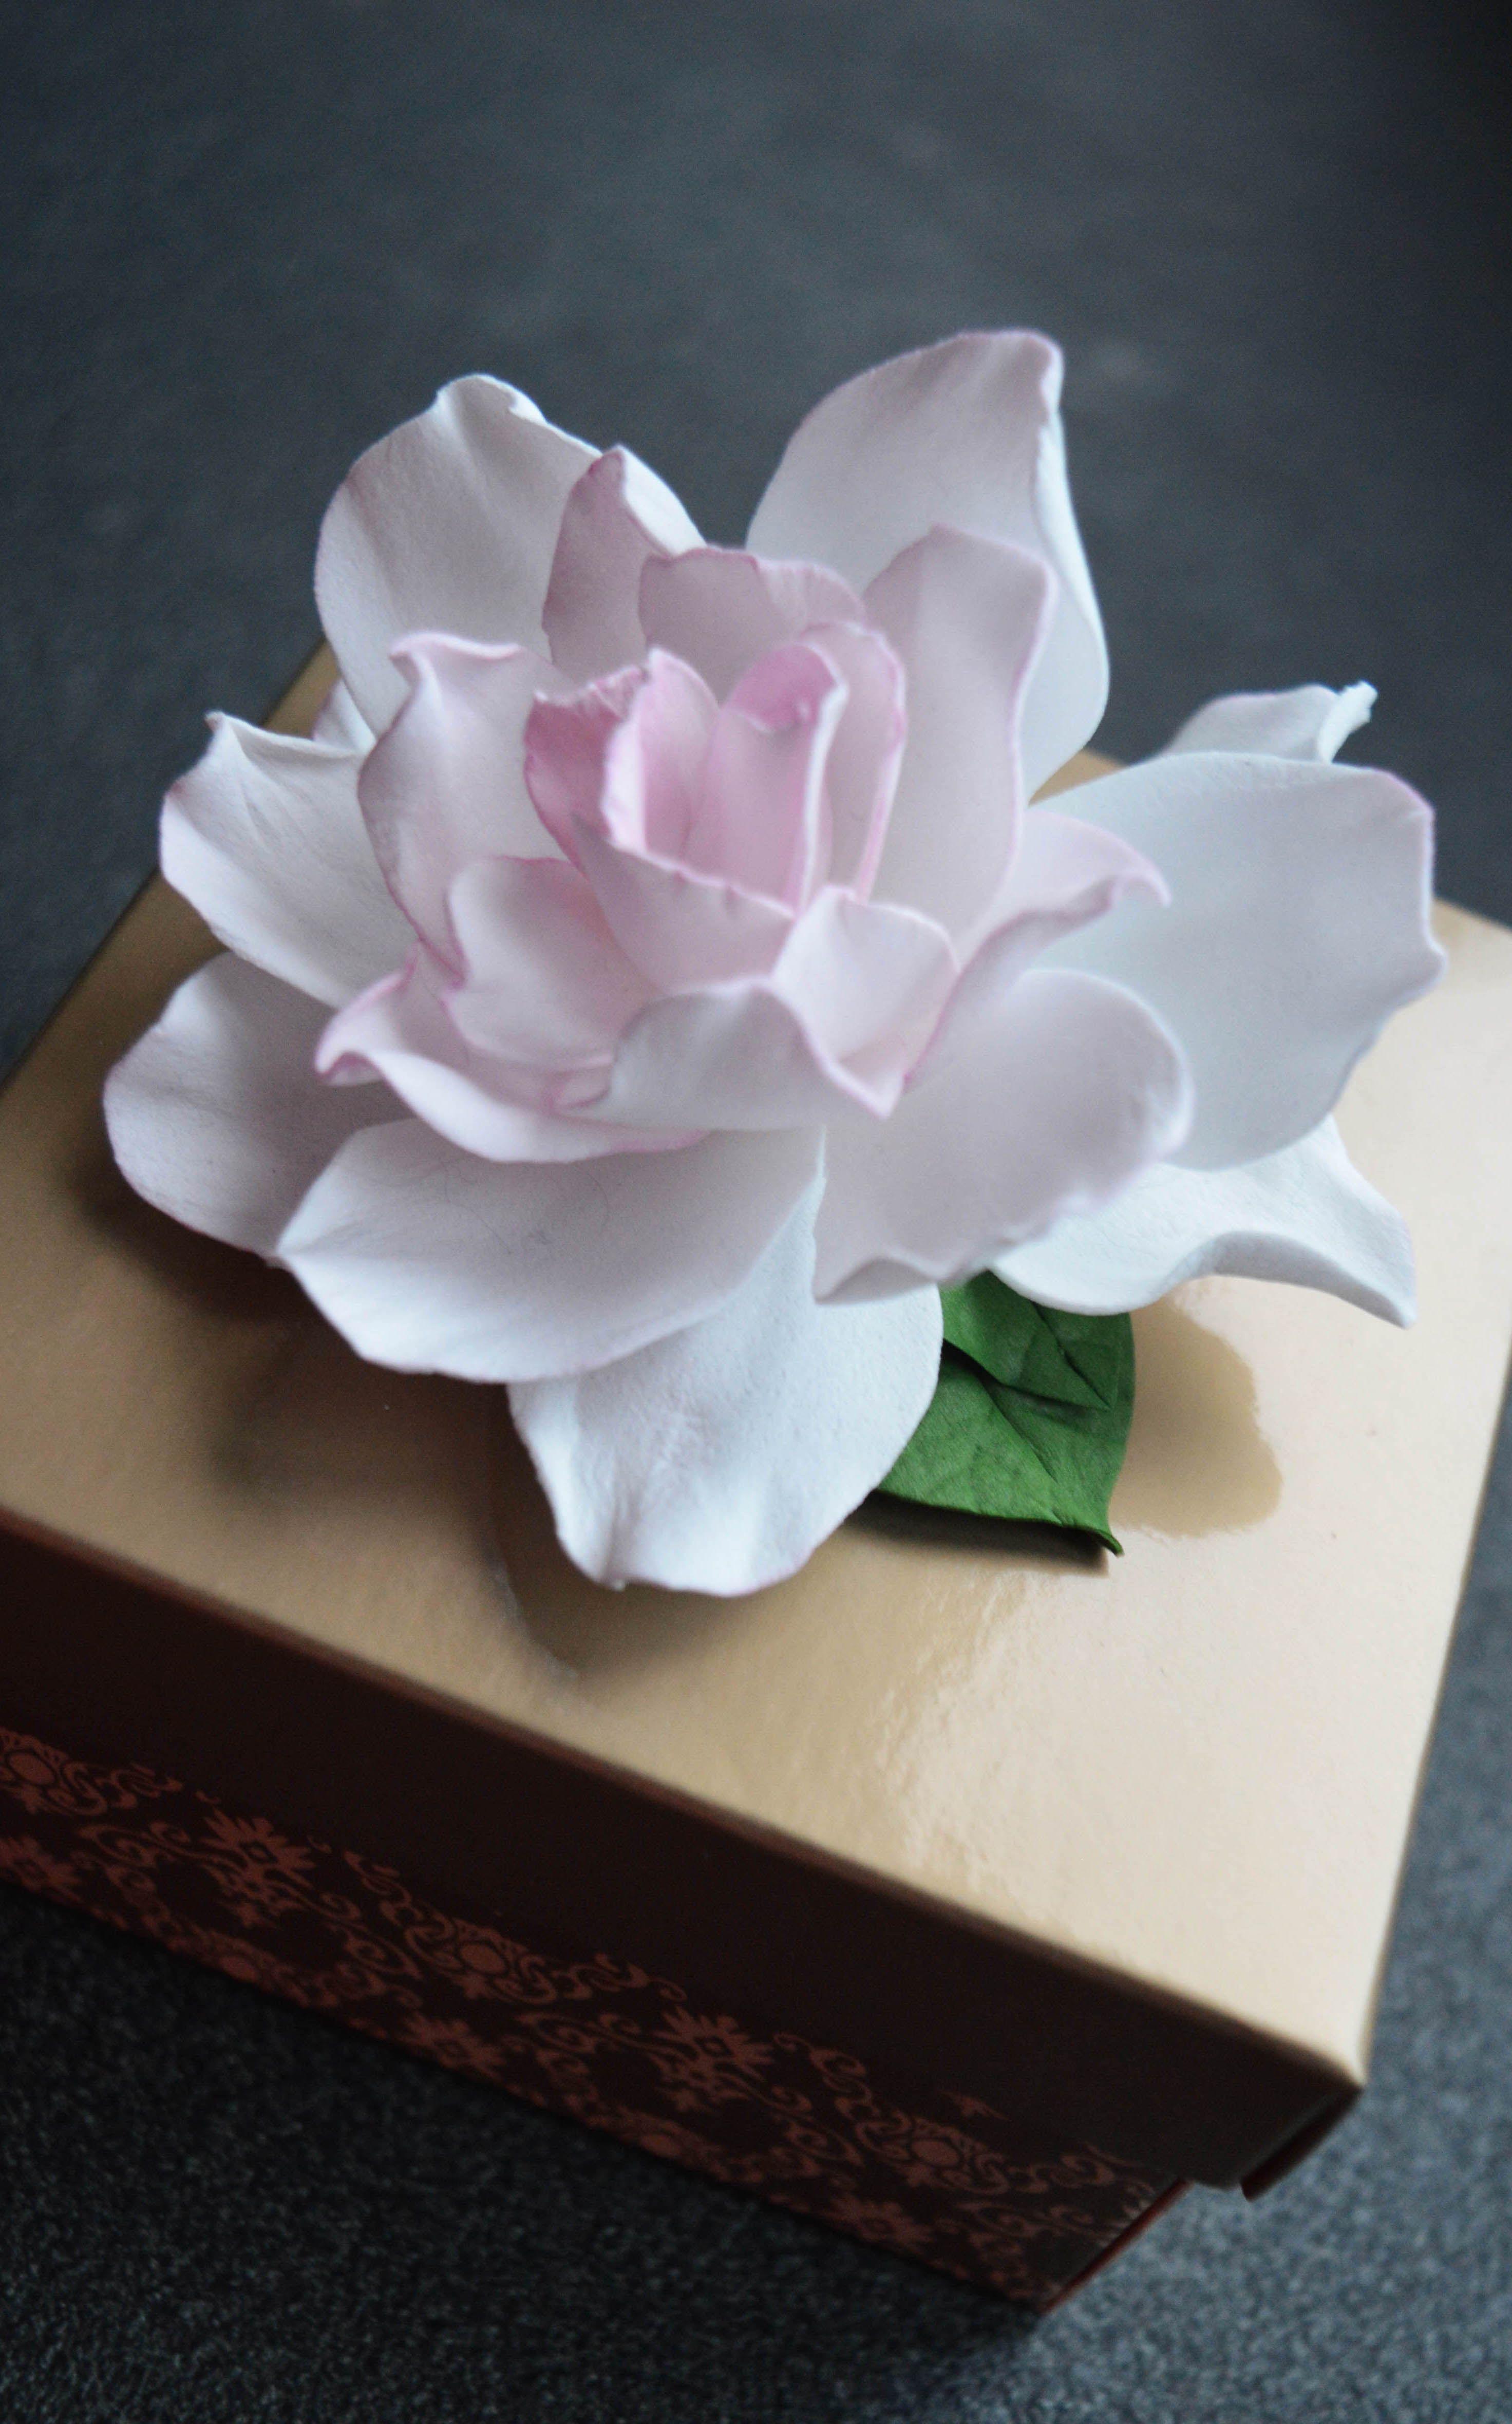 Gardenia Flower Hair Clip Wedding Floral Hair Piece Bridal Etsy Floral Hair Pieces Flower Hair Clips Wedding Flower Hair Accessories